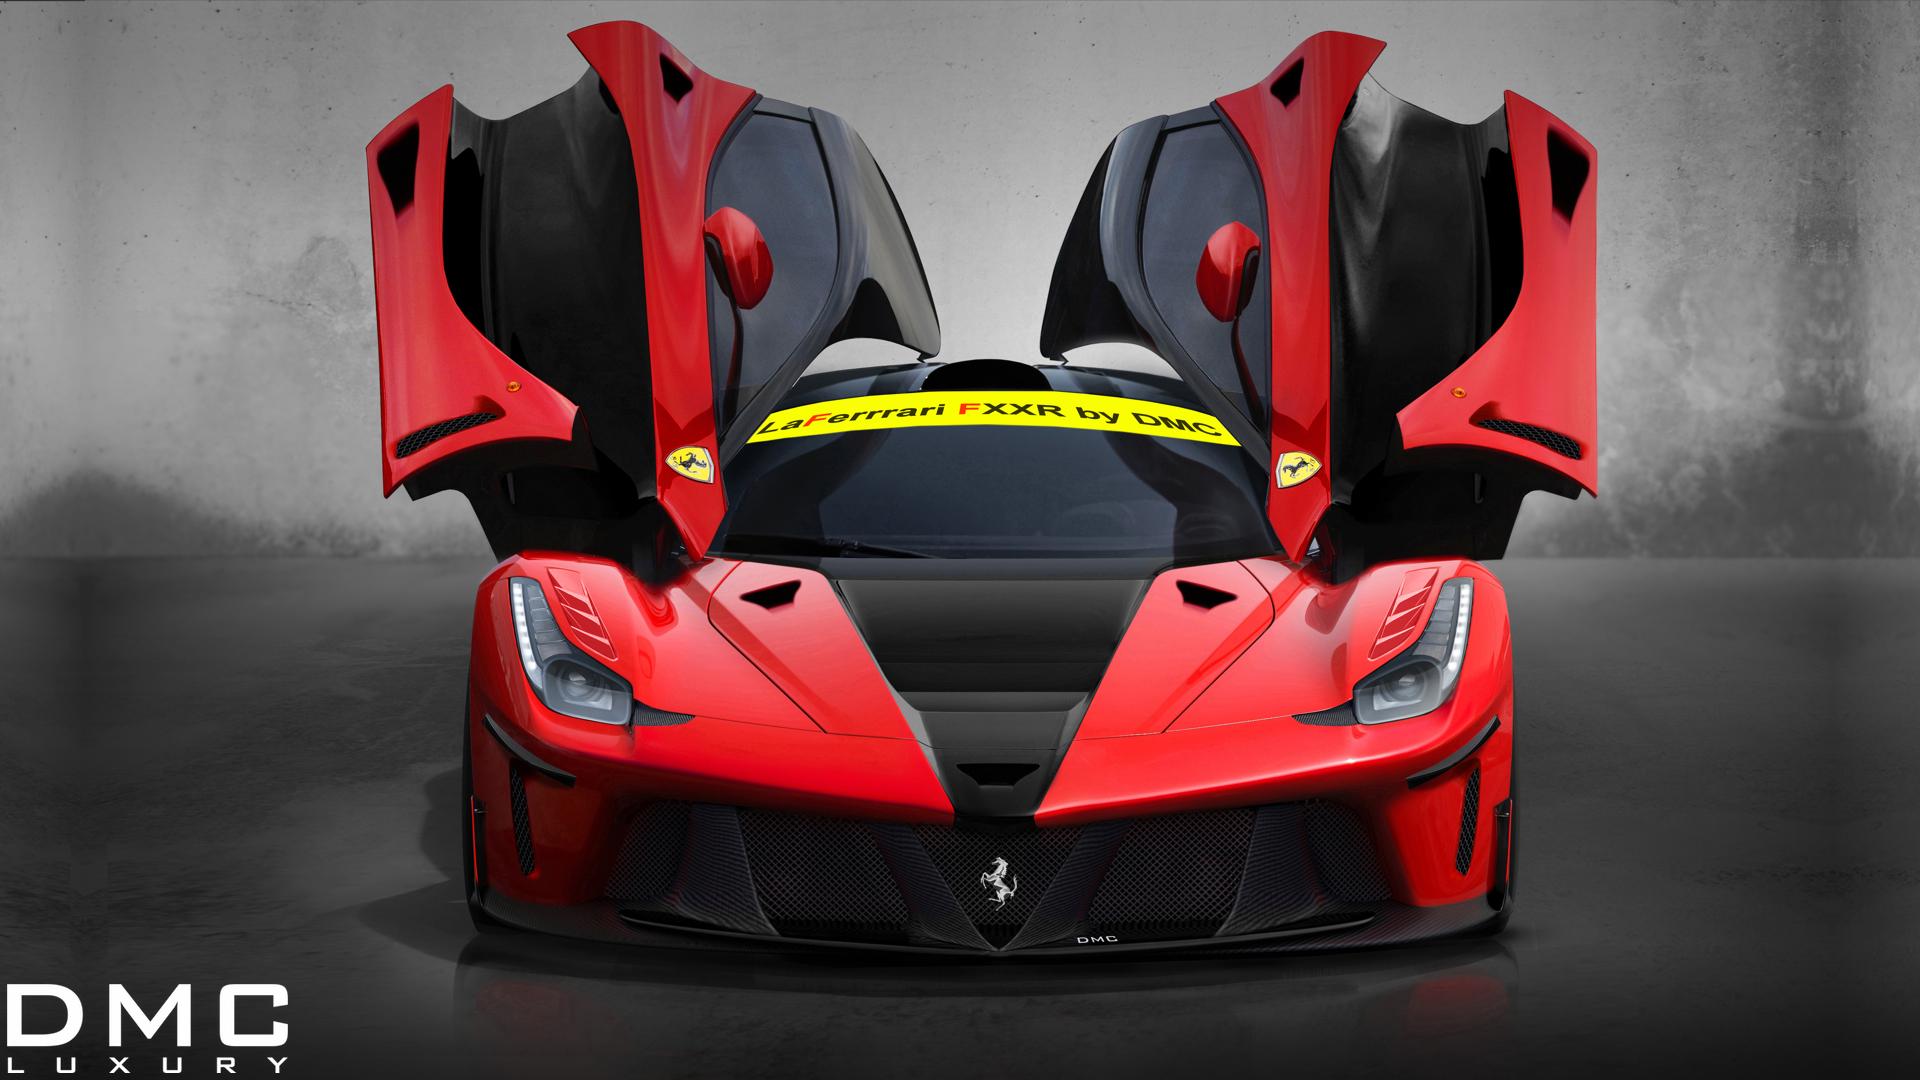 DMC Ferrari LaFerrari FXXR photo #1